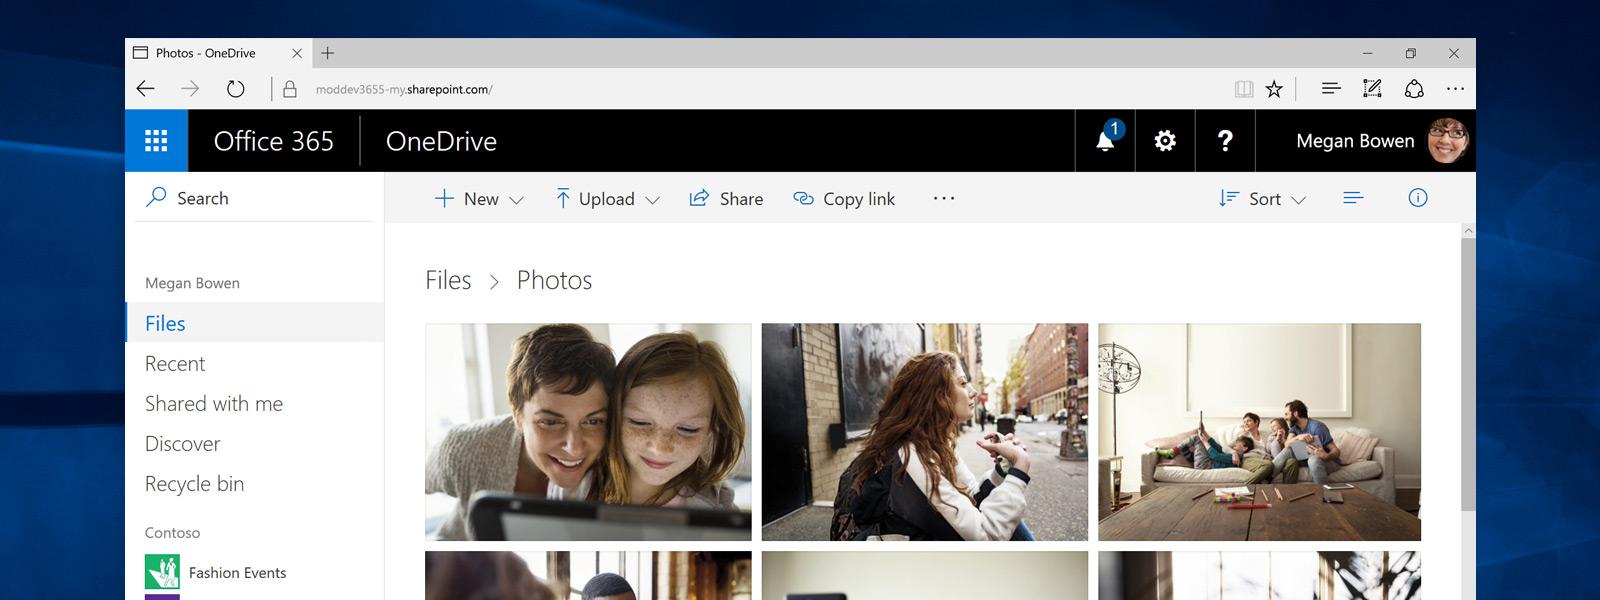 Przeglądarka Microsoft Edge z otwartą stroną internetową usługi OneDrive, na której widoczne są przechowywane obrazy